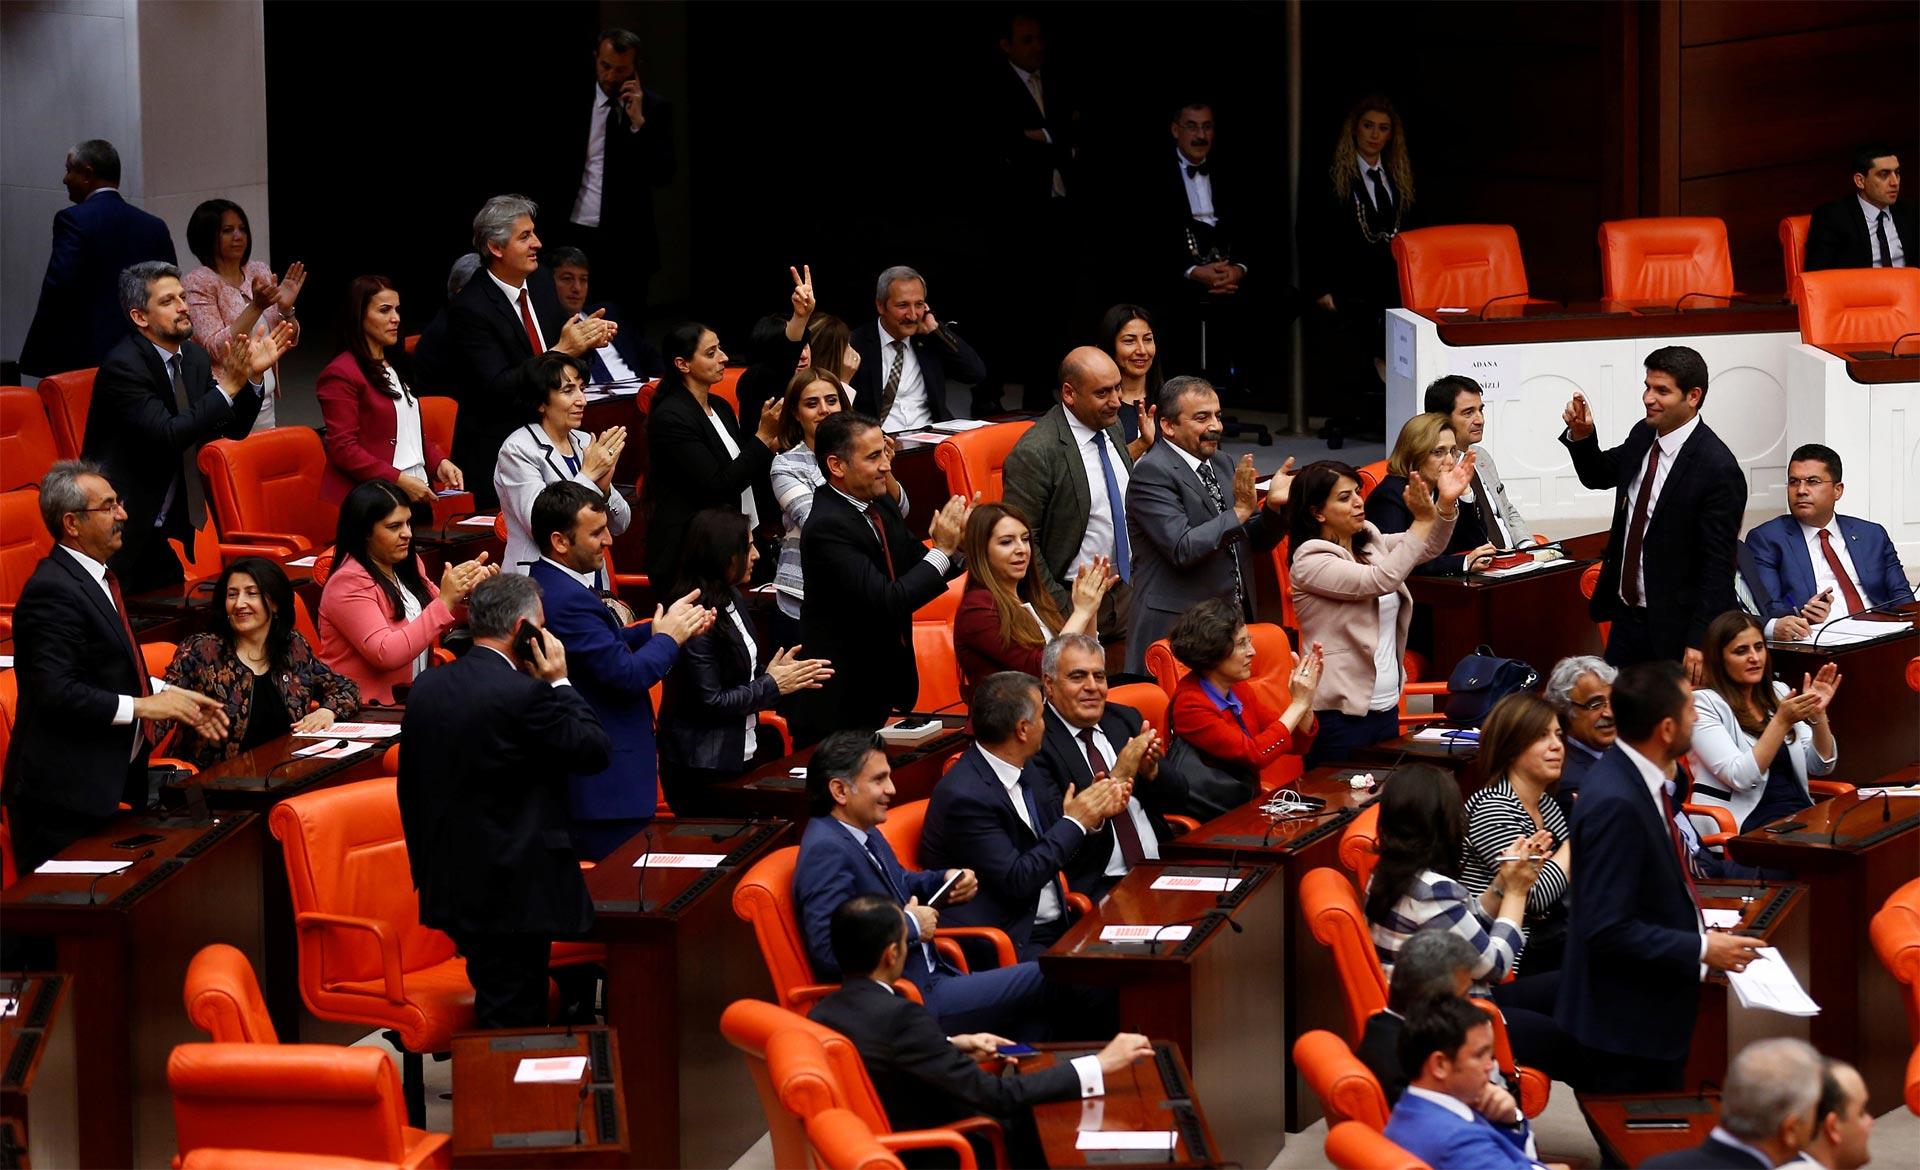 El presidente Recep Yattip Erdogan los acusa de ser el brazo derecho de la organización terrorista PKK